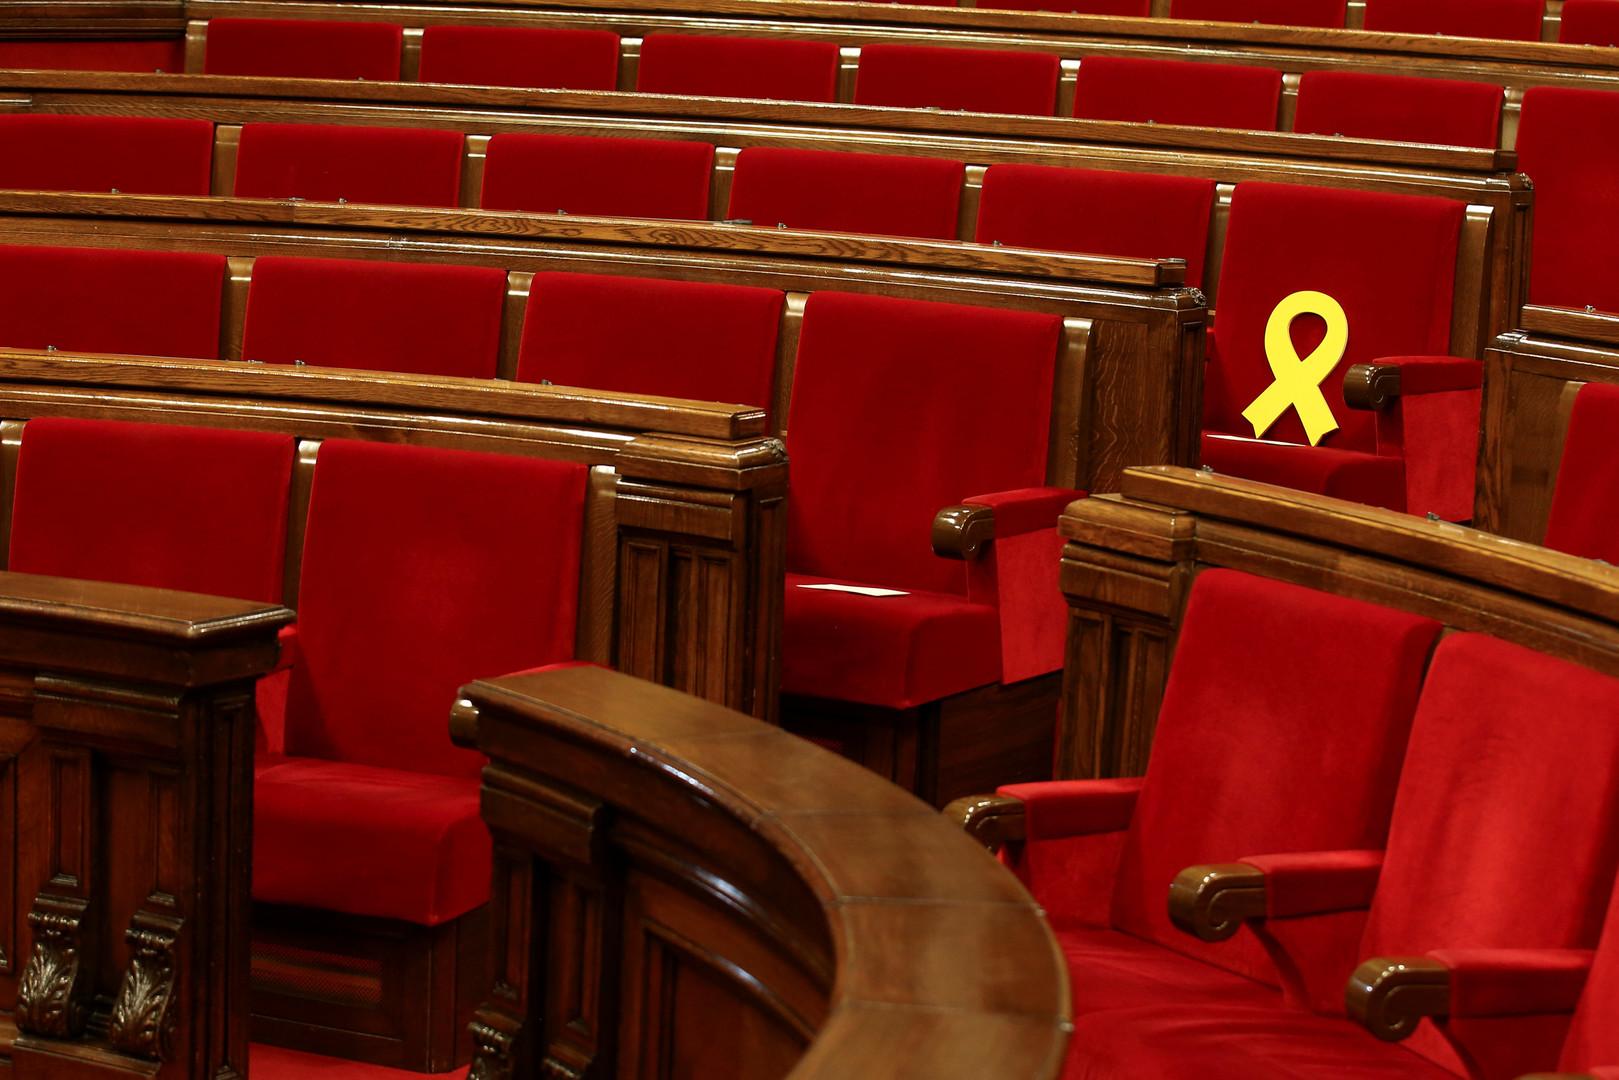 Король Испании заявил, что каталонский кризис был попыткой подорвать нормы демократии